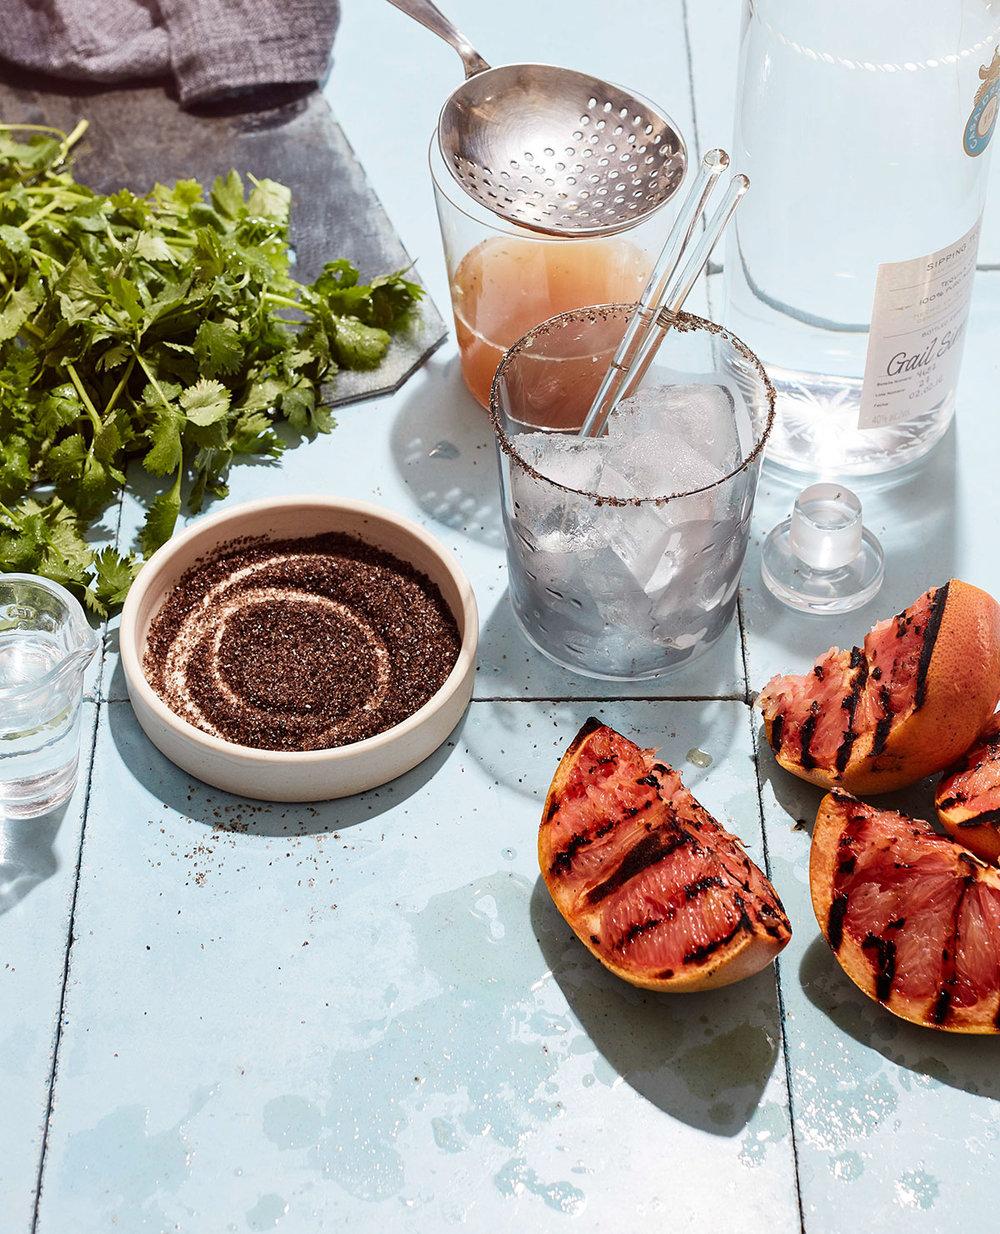 Bringing-It-Home_Charred-Grapefruit-Margarita_Credit-Johnny-Miller.jpg